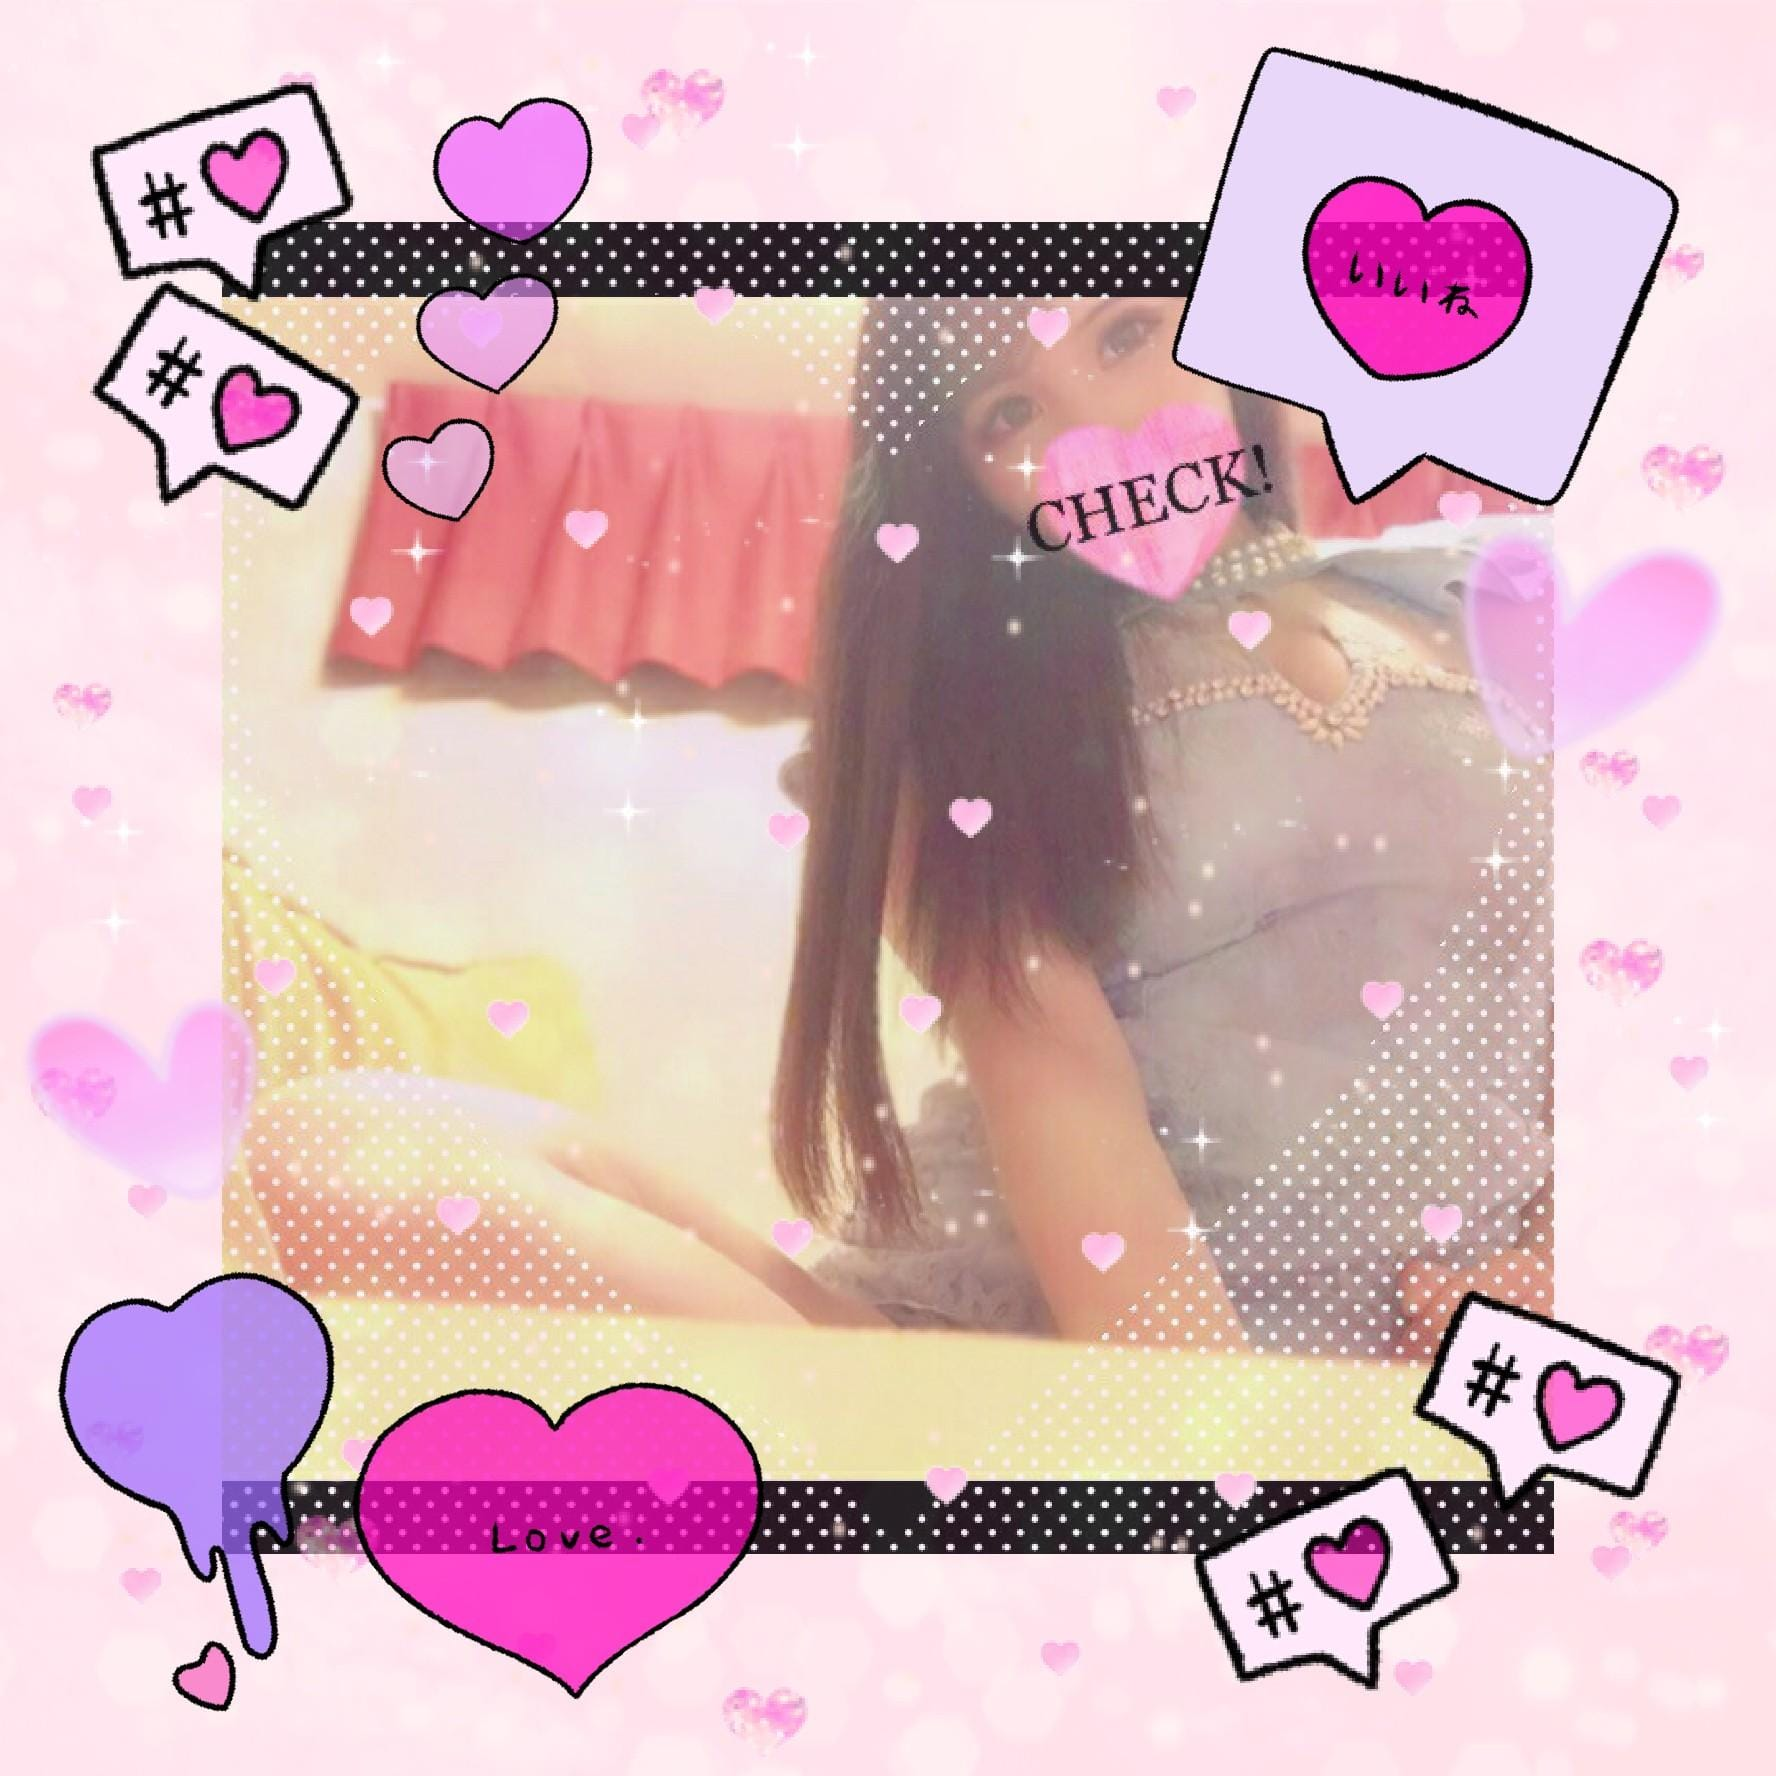 「♡最終日♡」09/12(09/12) 11:53 | マリアの写メ・風俗動画